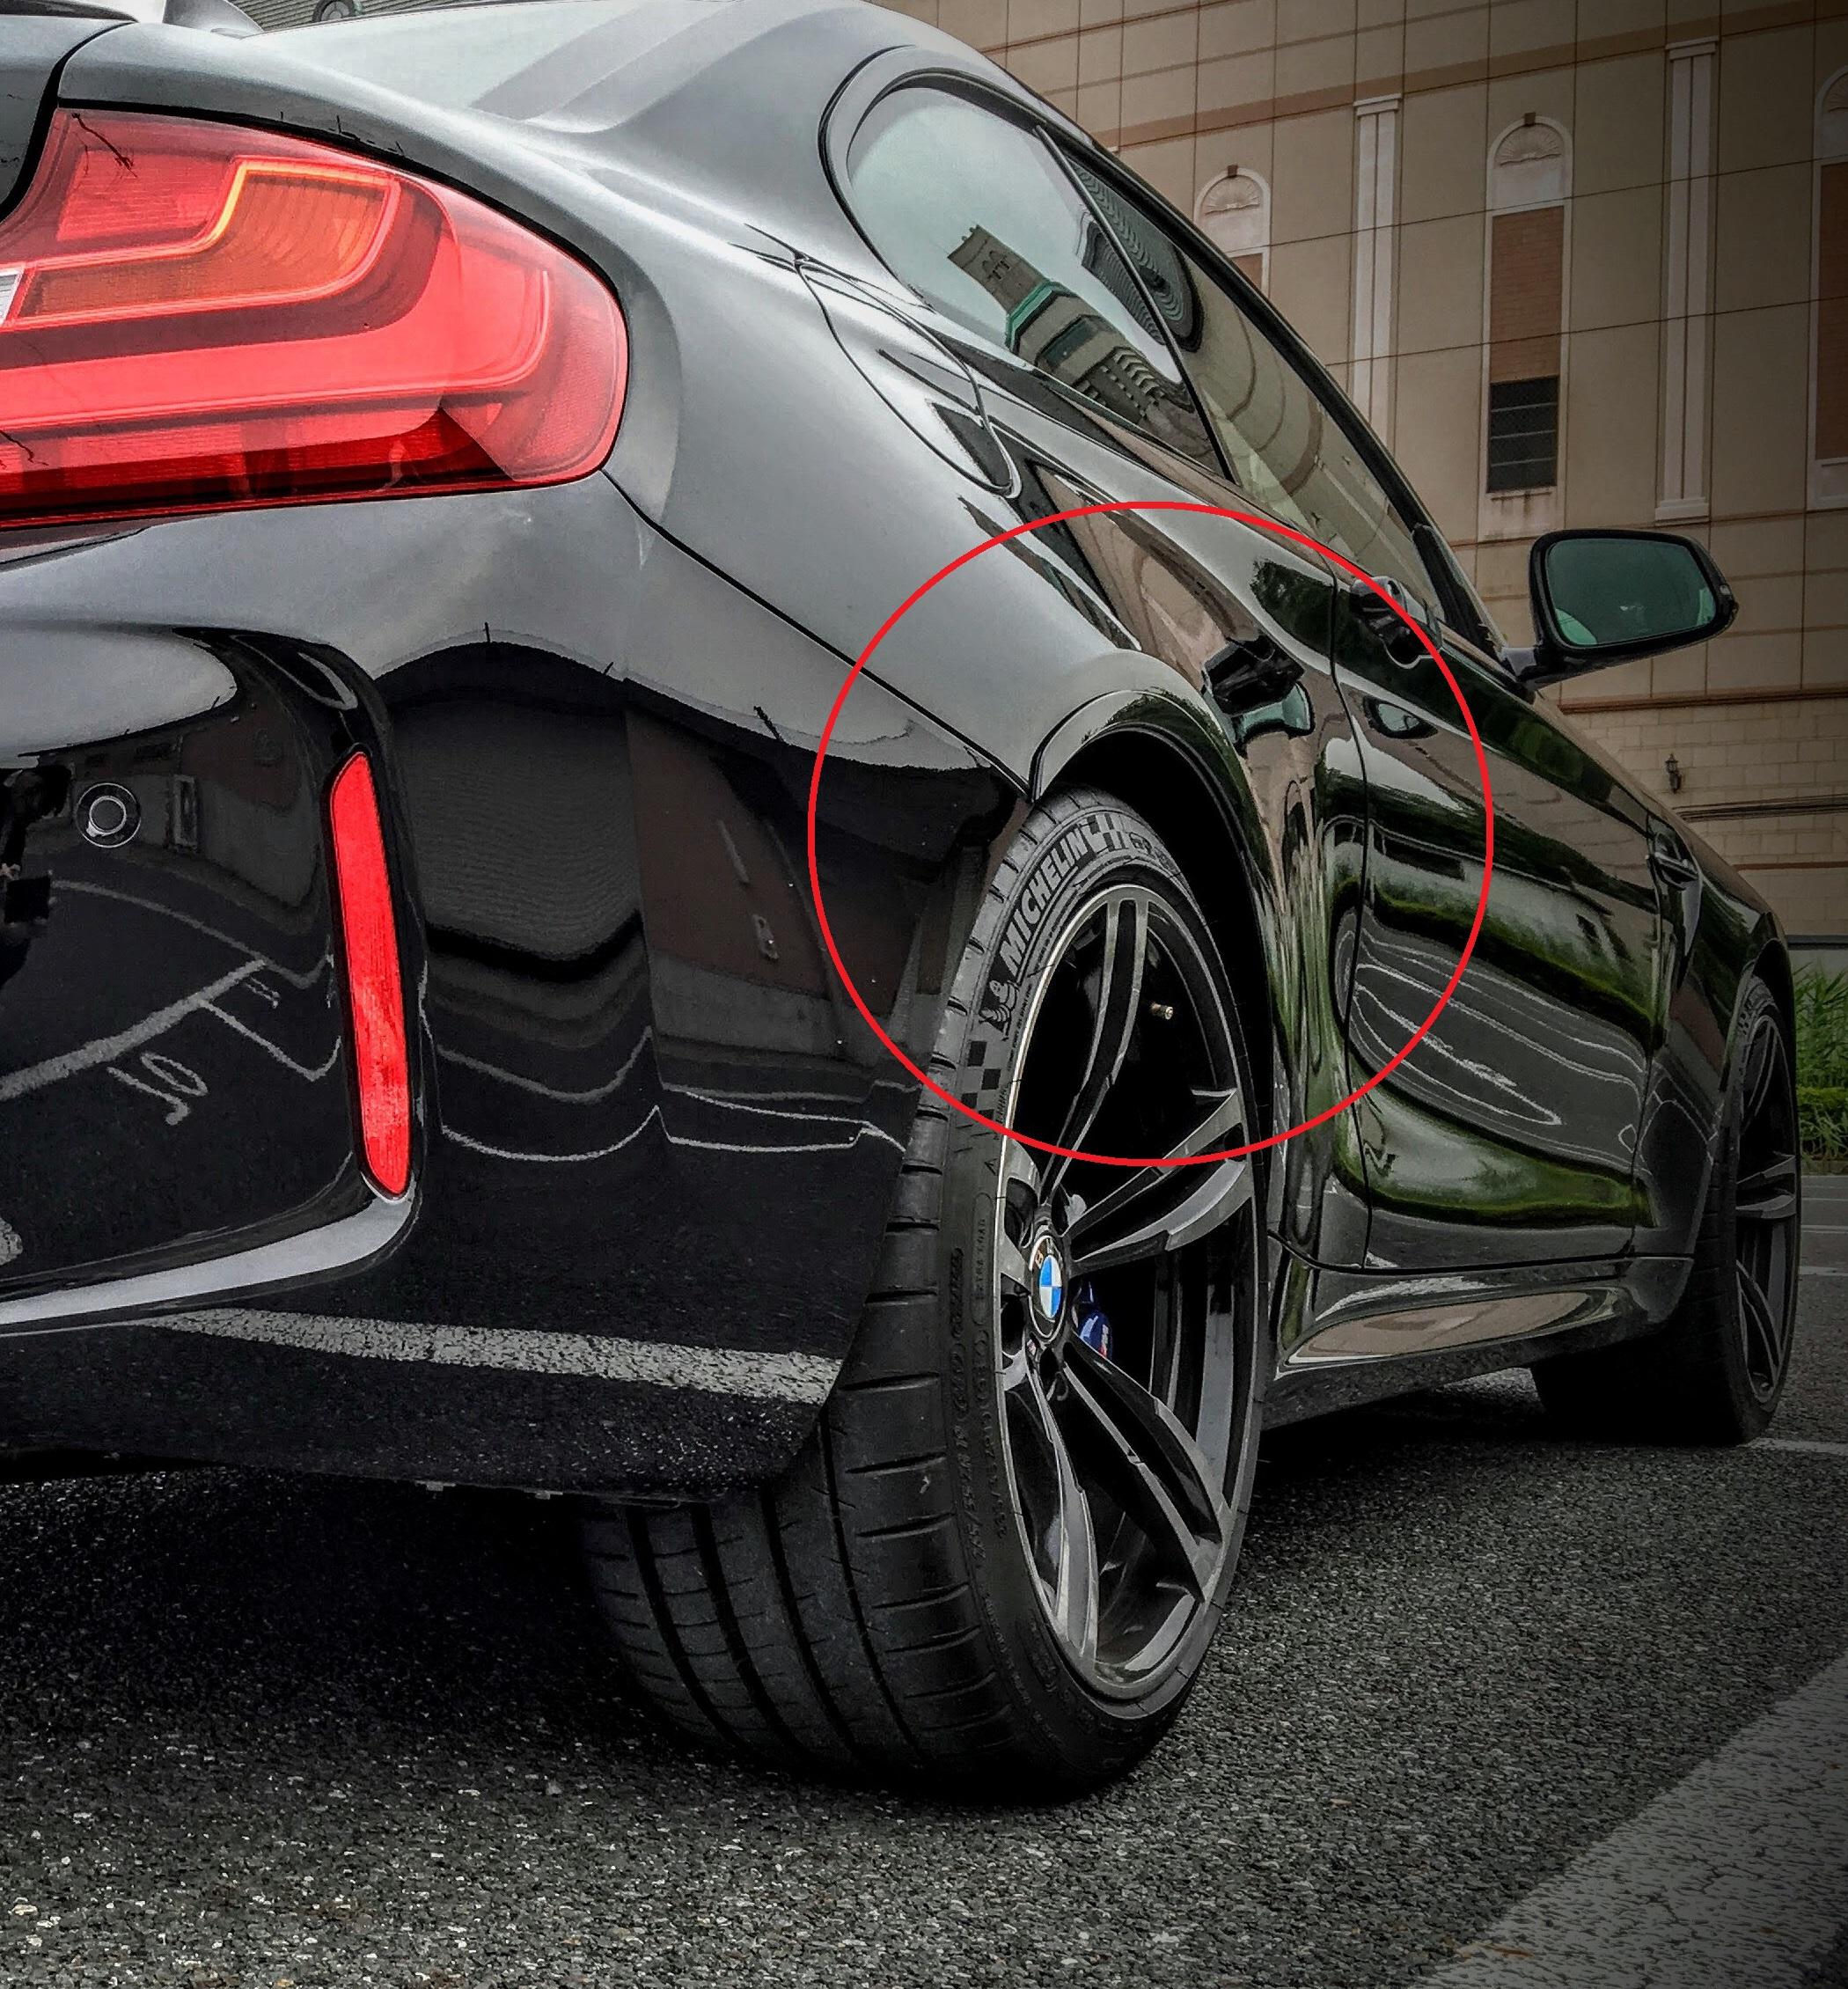 新型次期BMW X3(G01)の偽装なし写真が公式発表の2日前にリーク!!これは売れそう♪